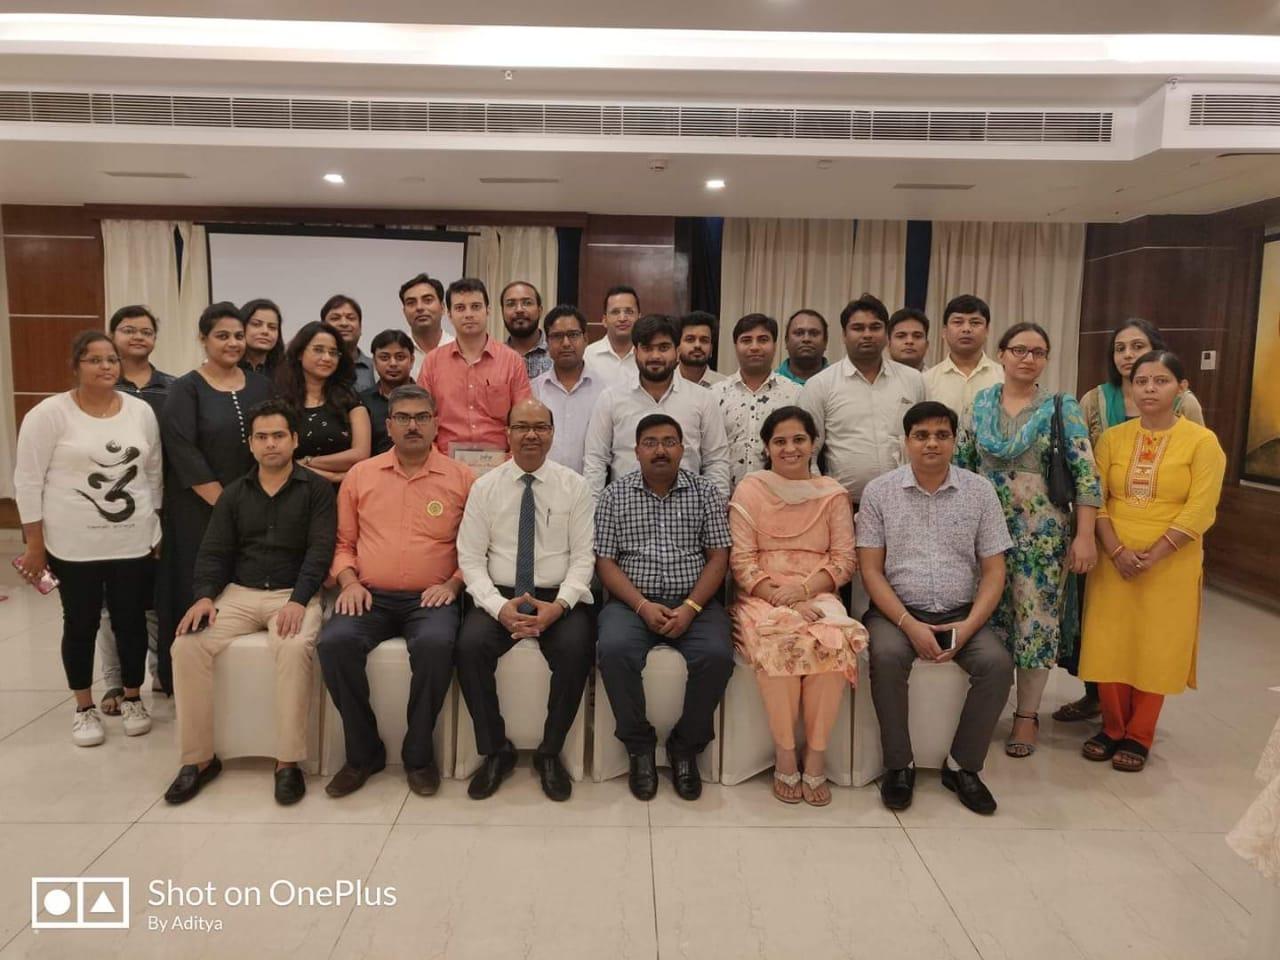 इंडियन डेंटल एसोसिएशन द्वारा कंटिन्यू डेंटल एजुकेशन कार्यक्रम का आयोजन